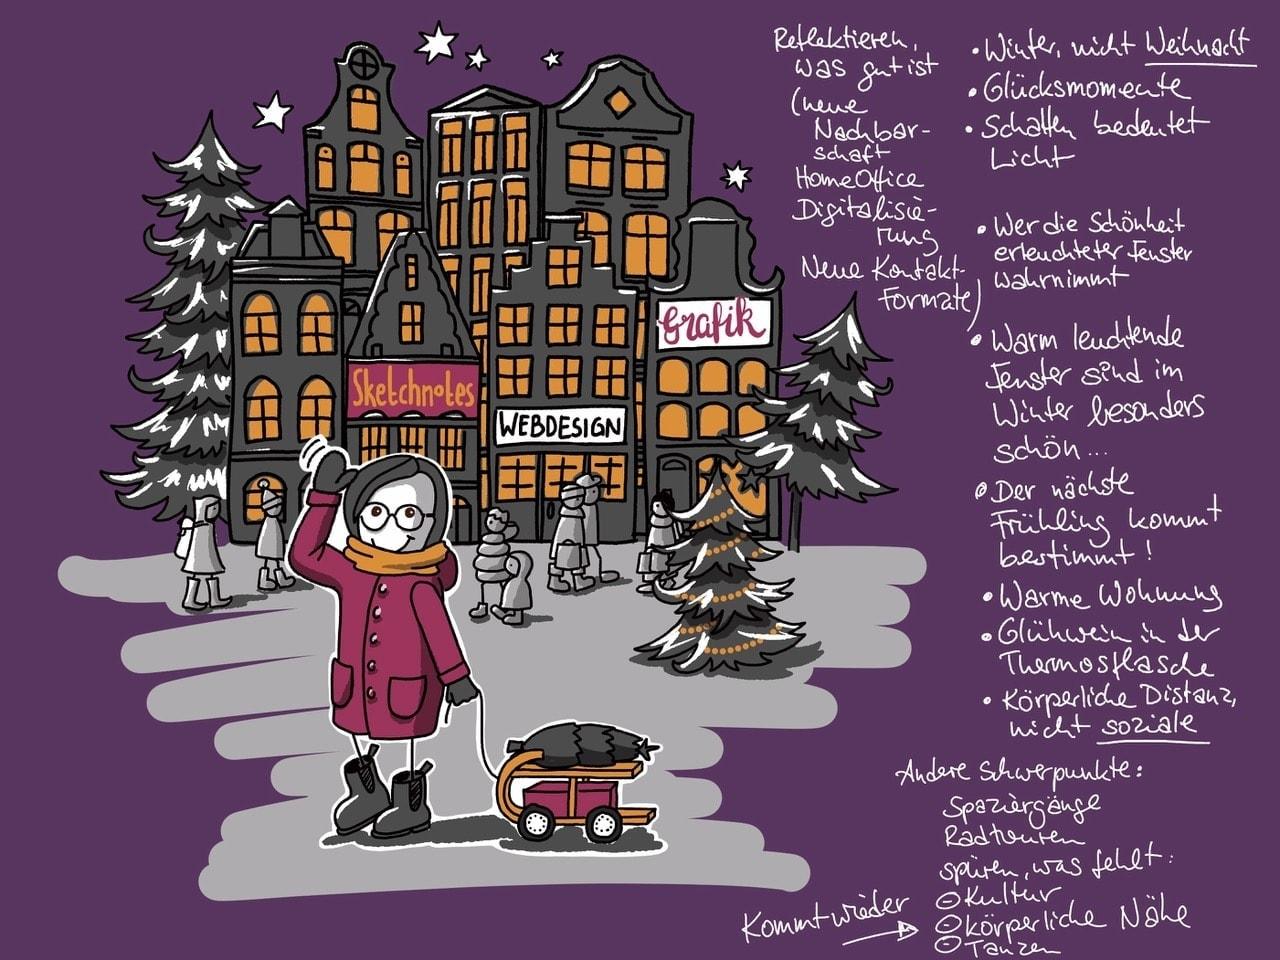 Ein gutes Briefing kann auch eine Zeichnung sein. Auf dem Bild ist ein gezeichnetes Briefing für eine Winterkarte zu sehen.